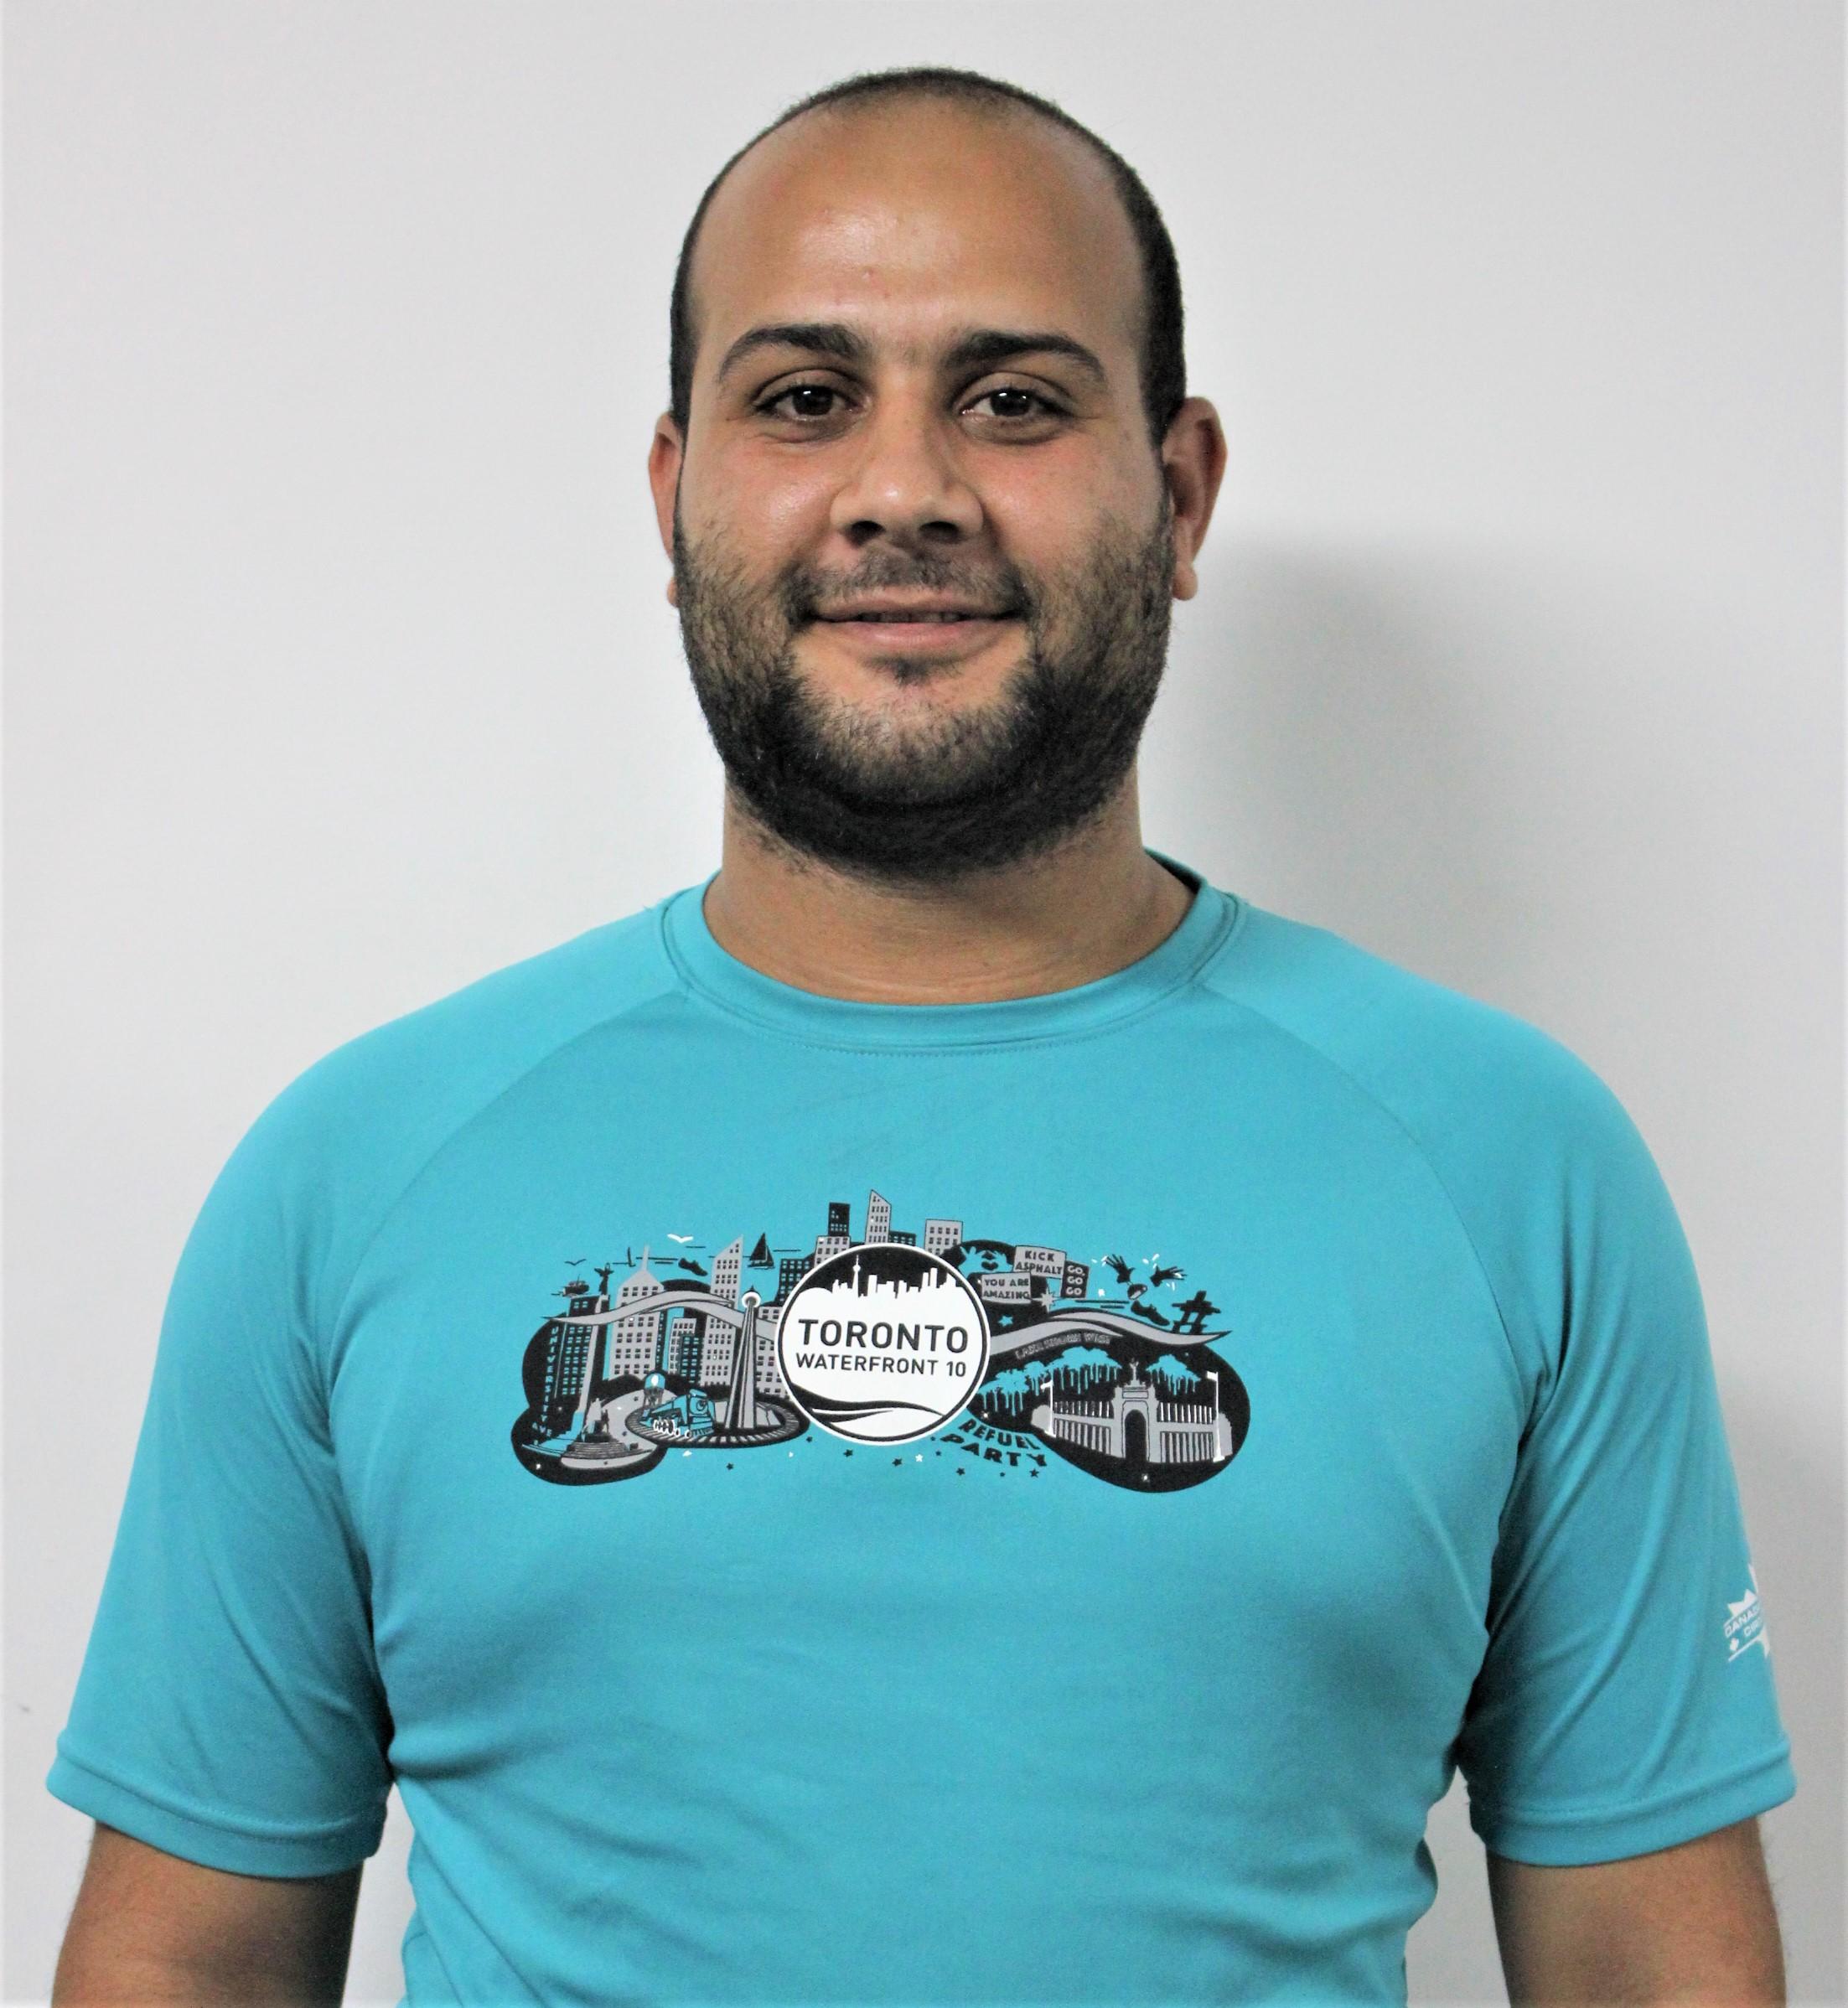 Ala Eddine Hmidi